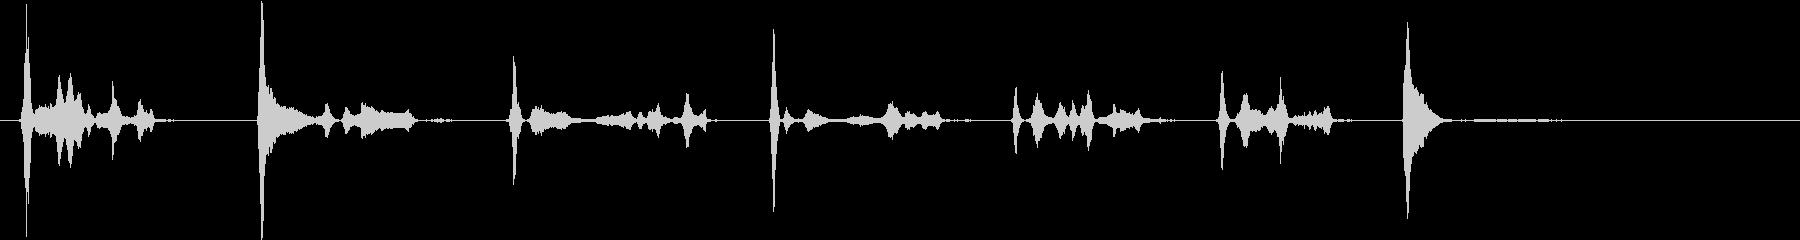 エアブレーキ;エアブレーキのヒスと...の未再生の波形